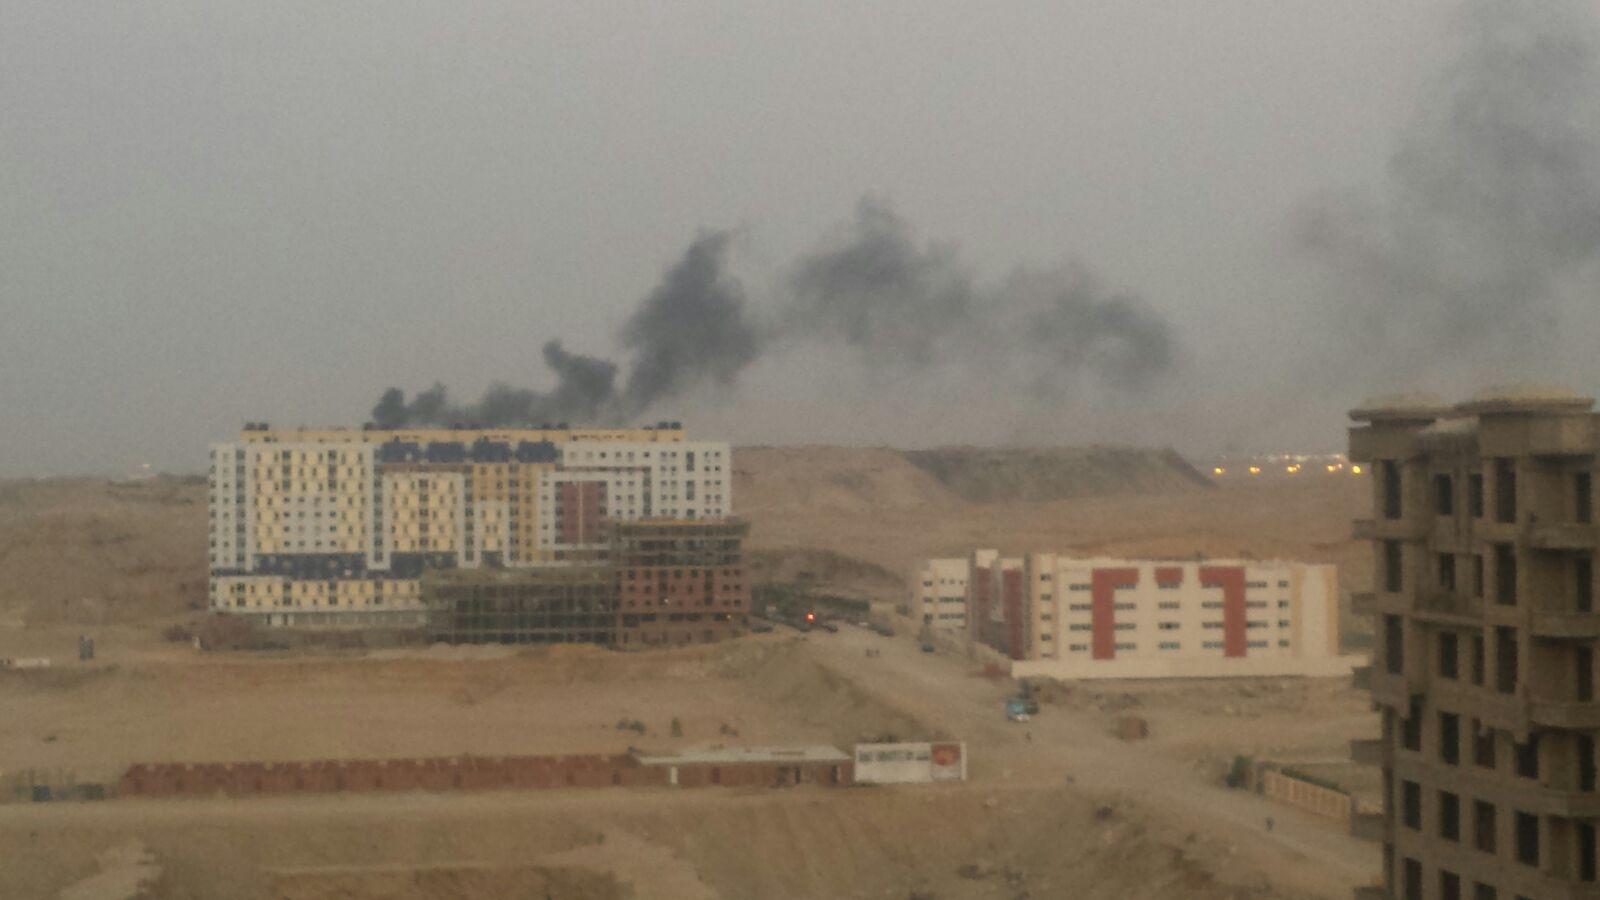 صور.. سحب سوداء تغطي سماء عمائر مدينة نصر بسبب حرق القمامة قربها يوميًا